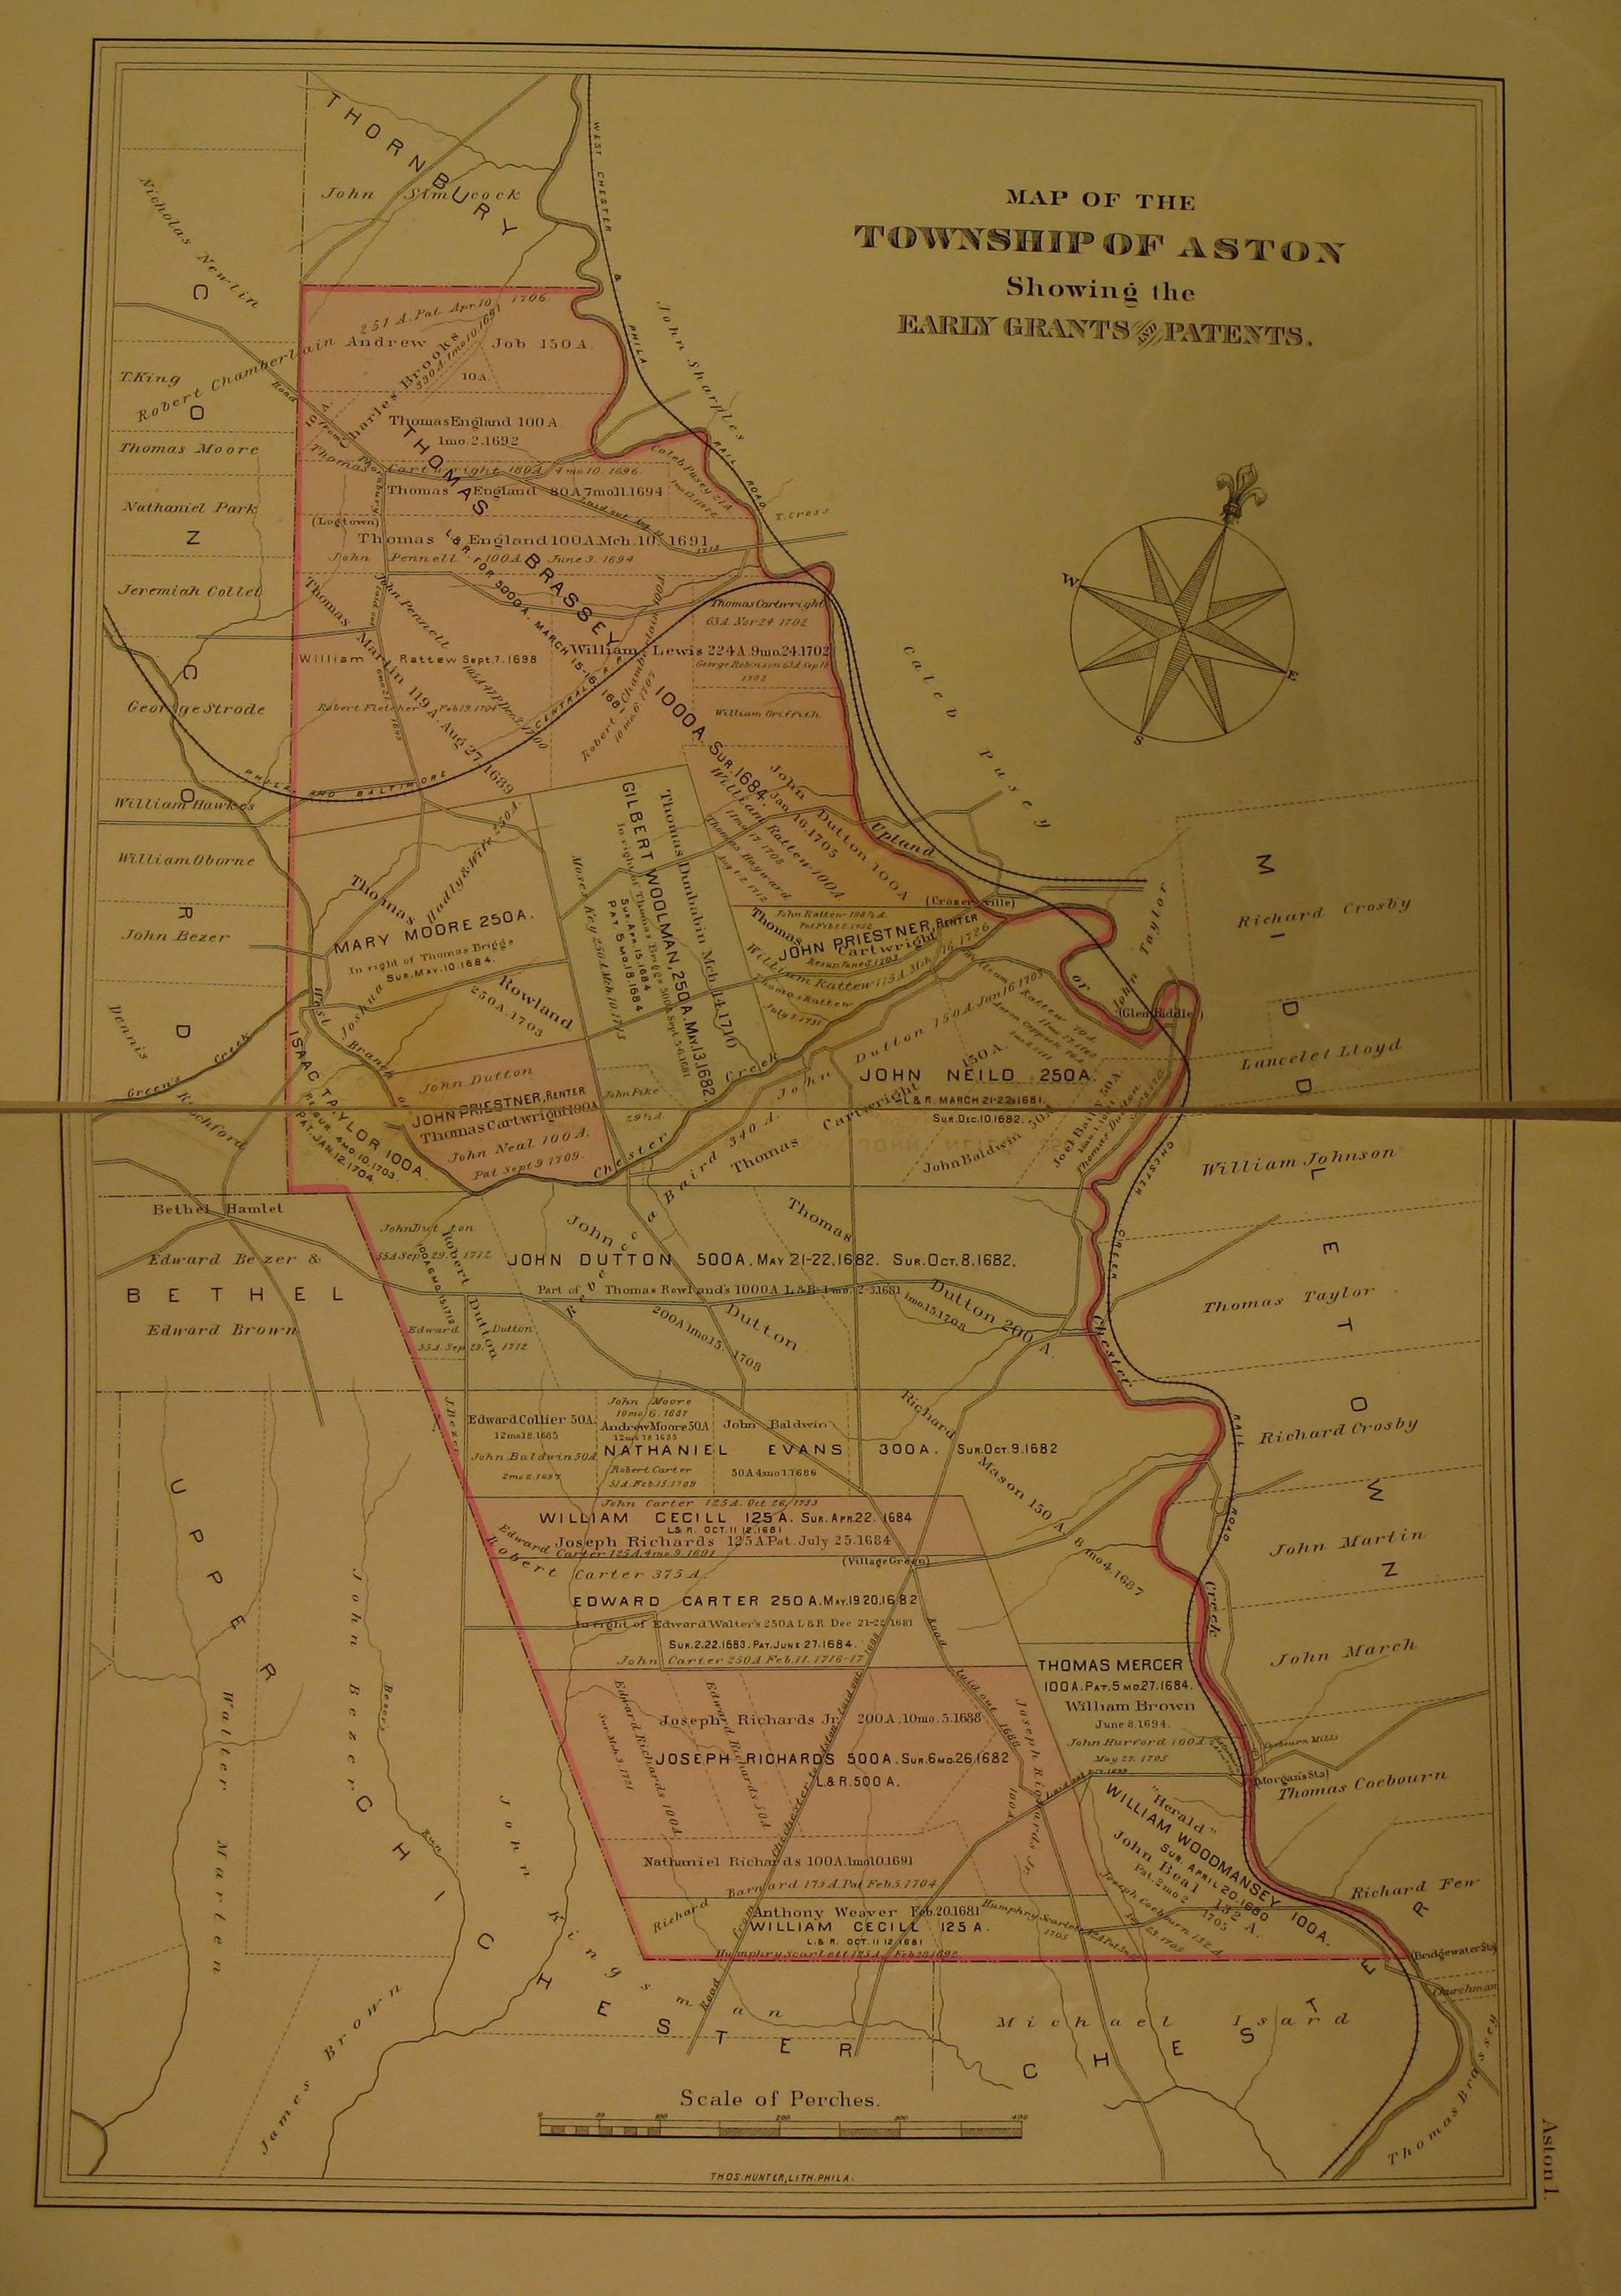 Townships Aston Township Delaware County Warrantee Atlas